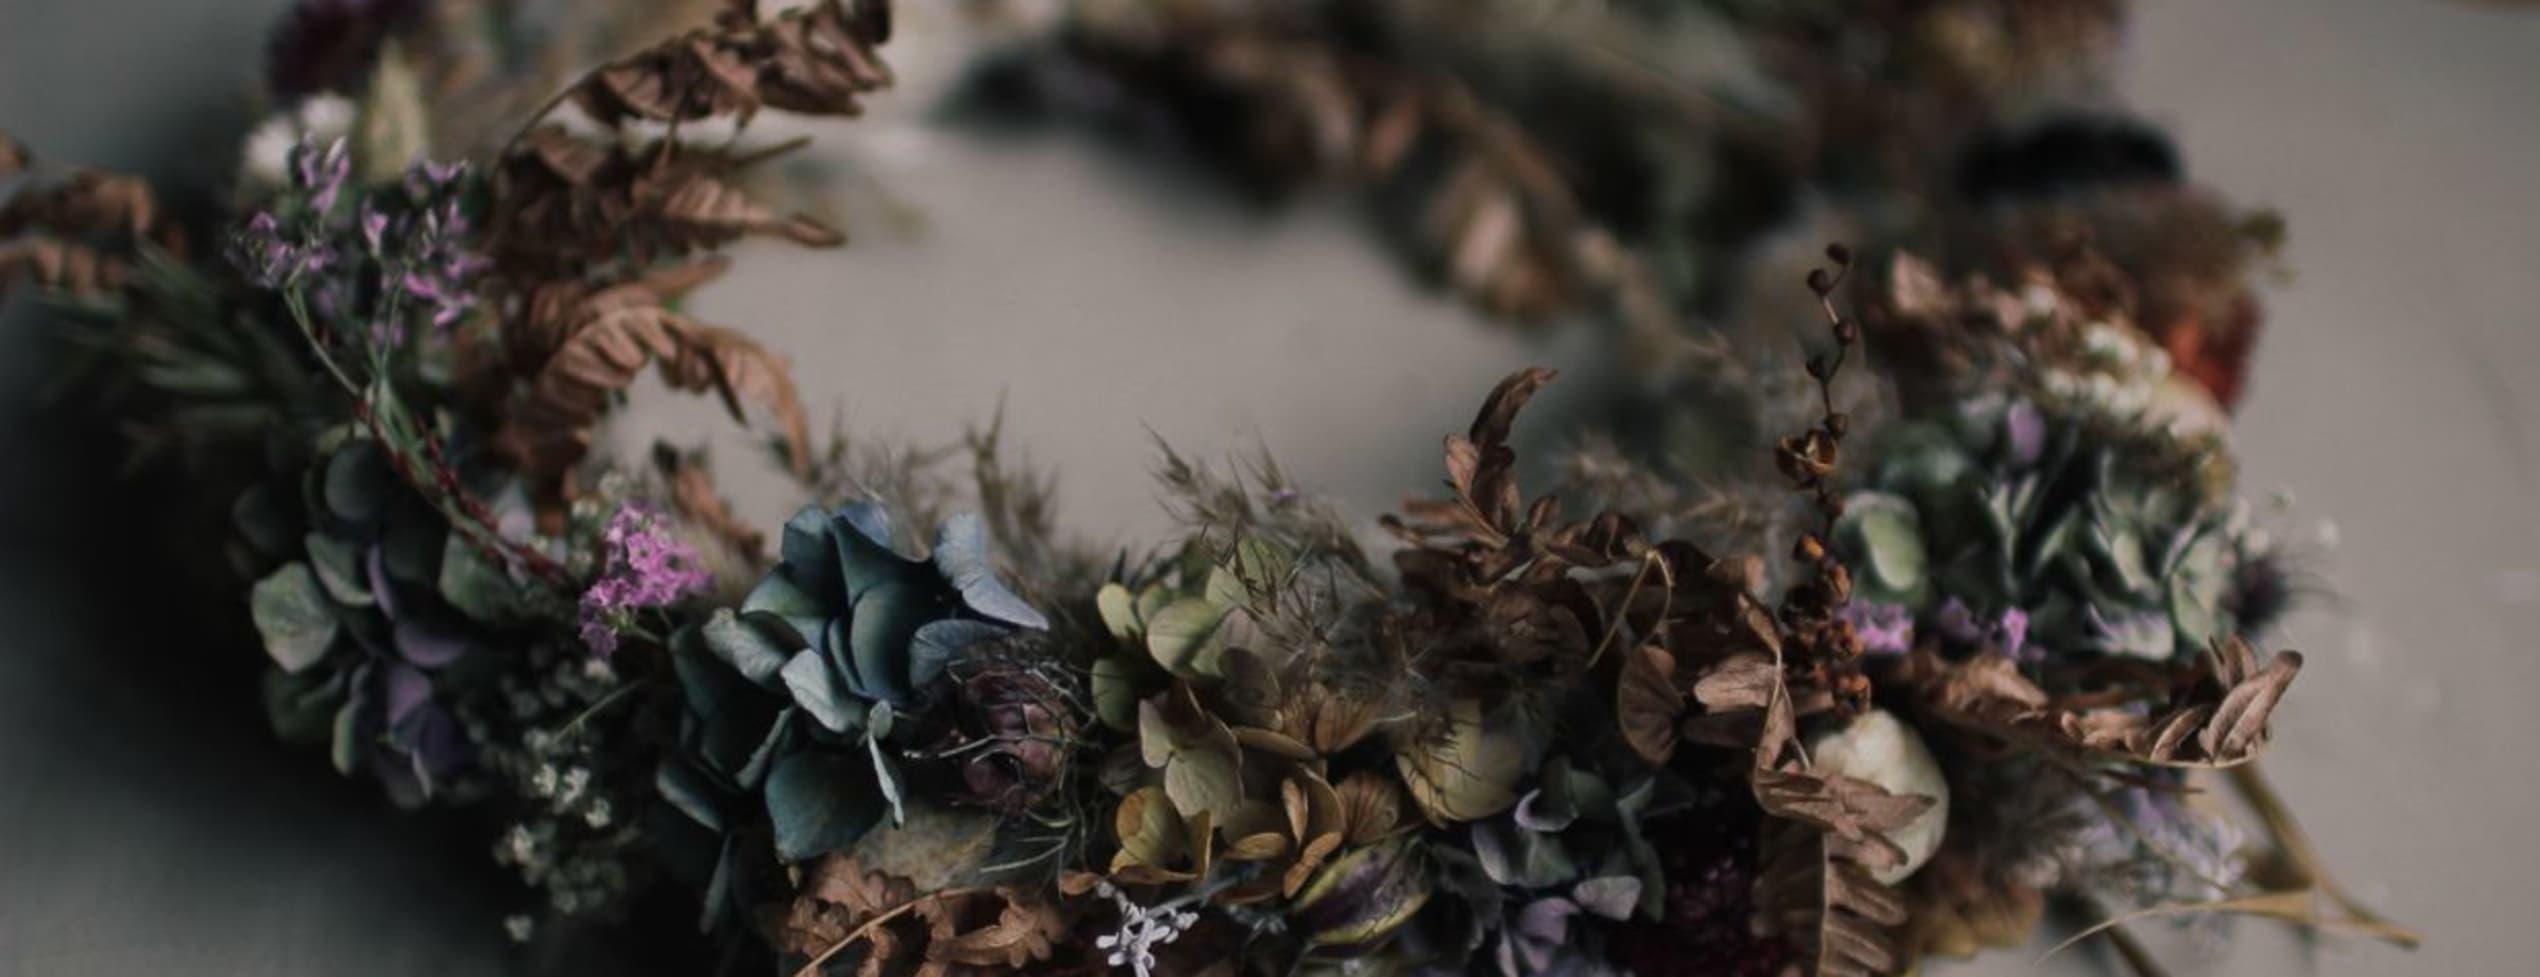 Hösttrend - dekorationer med torkade blommor